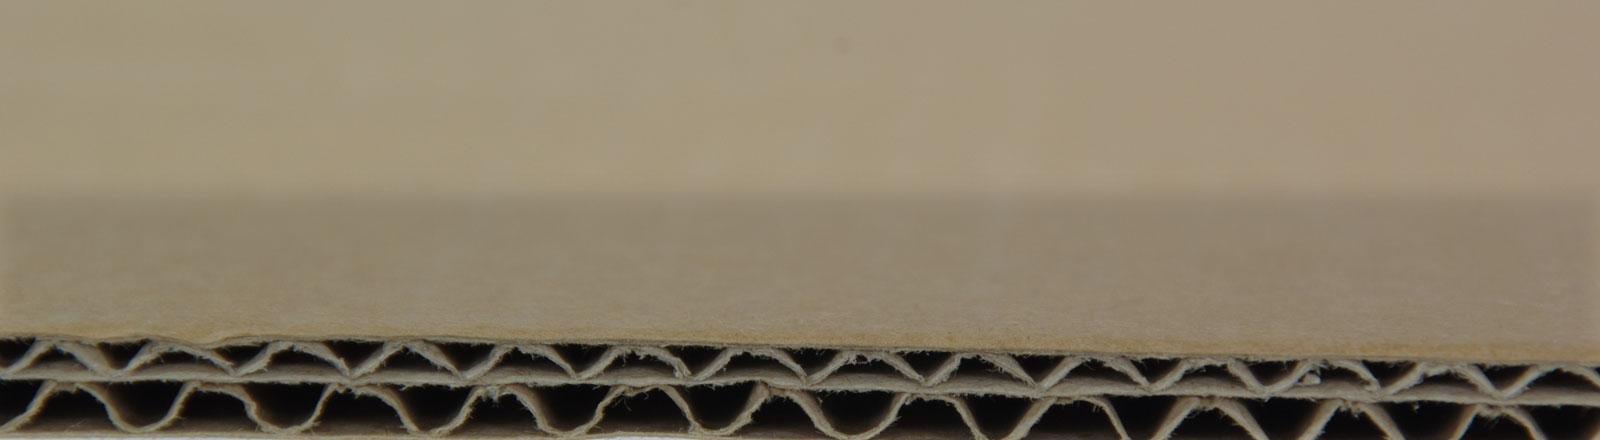 Ein Stück Pappe